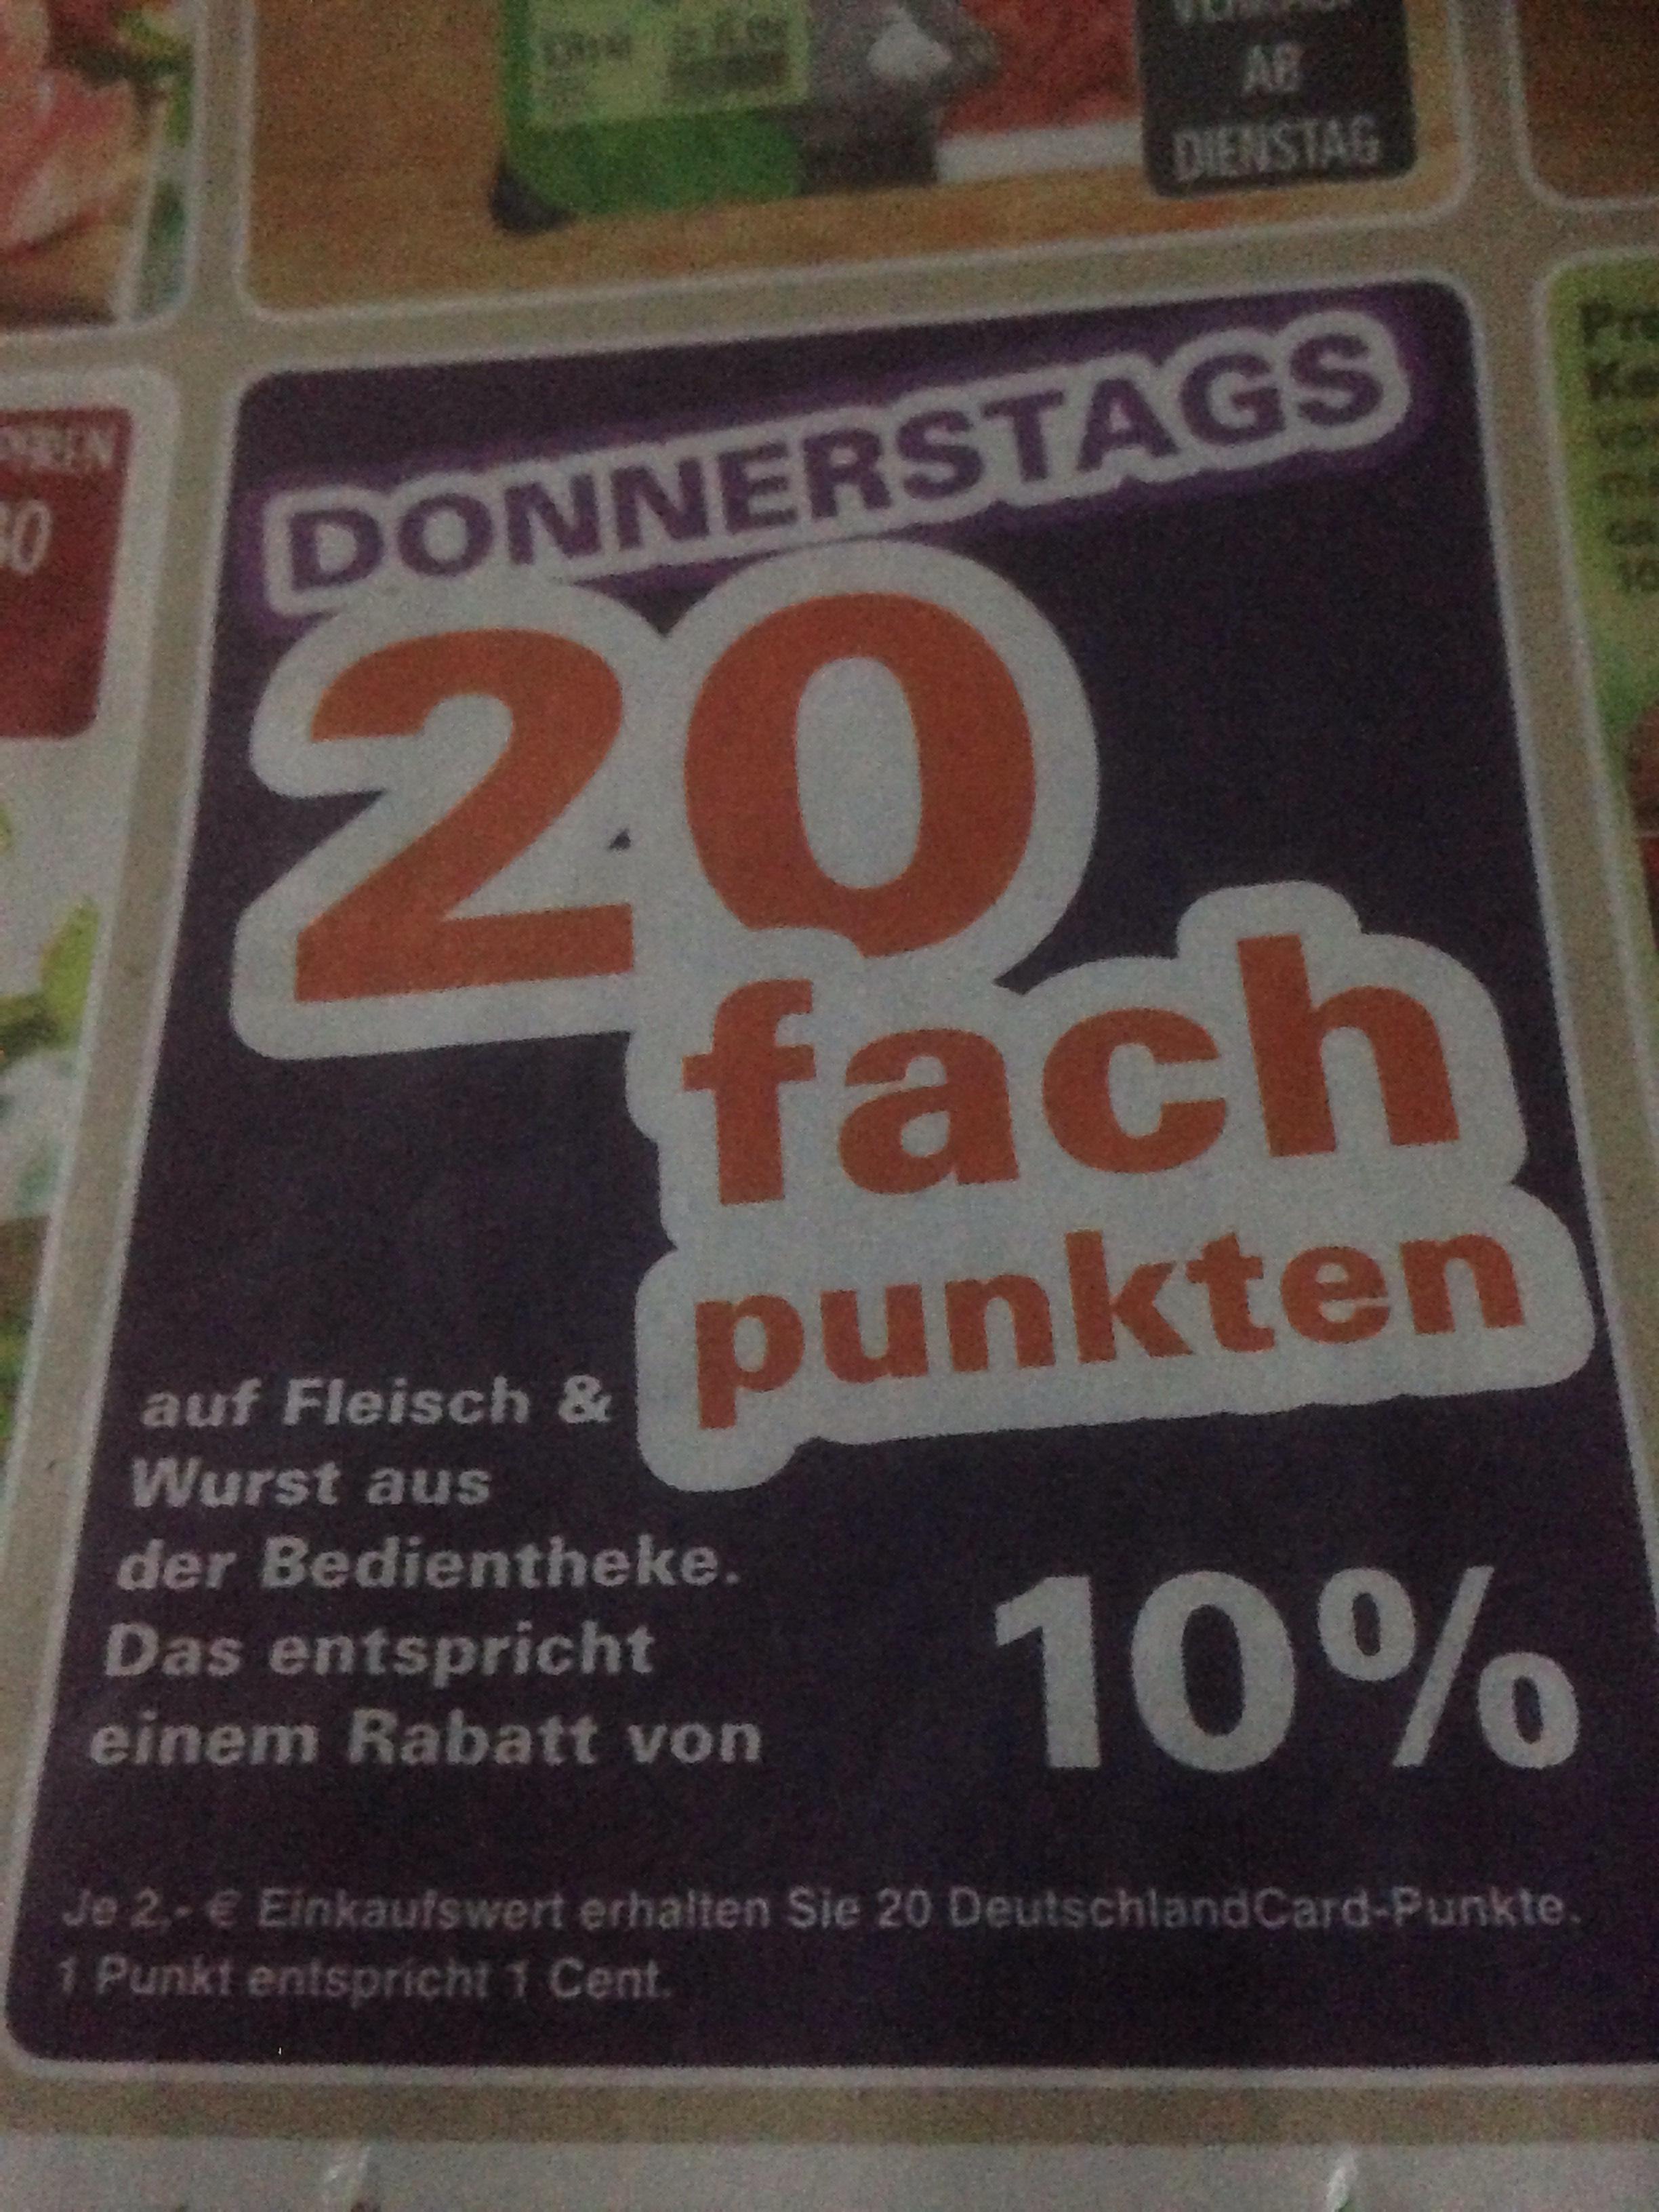 Im Wez Markt Region Minden/Schaumburg gibt es dauerhaft jeden Donnerstag 20-fache DeutschlandCard Punkte auf Fleisch/Wurst